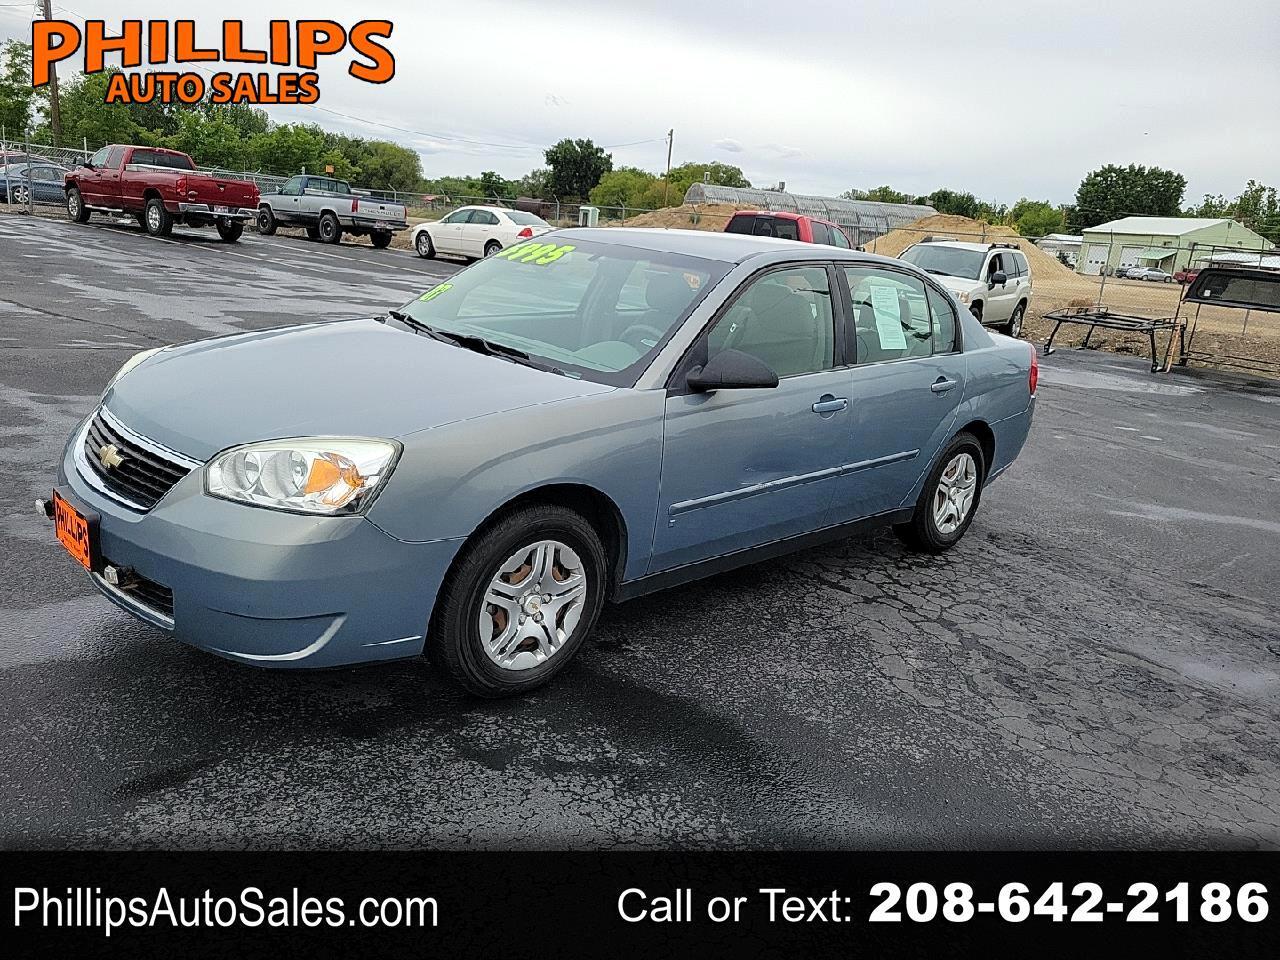 Chevrolet Malibu 4dr Sdn LS w/1LS 2007